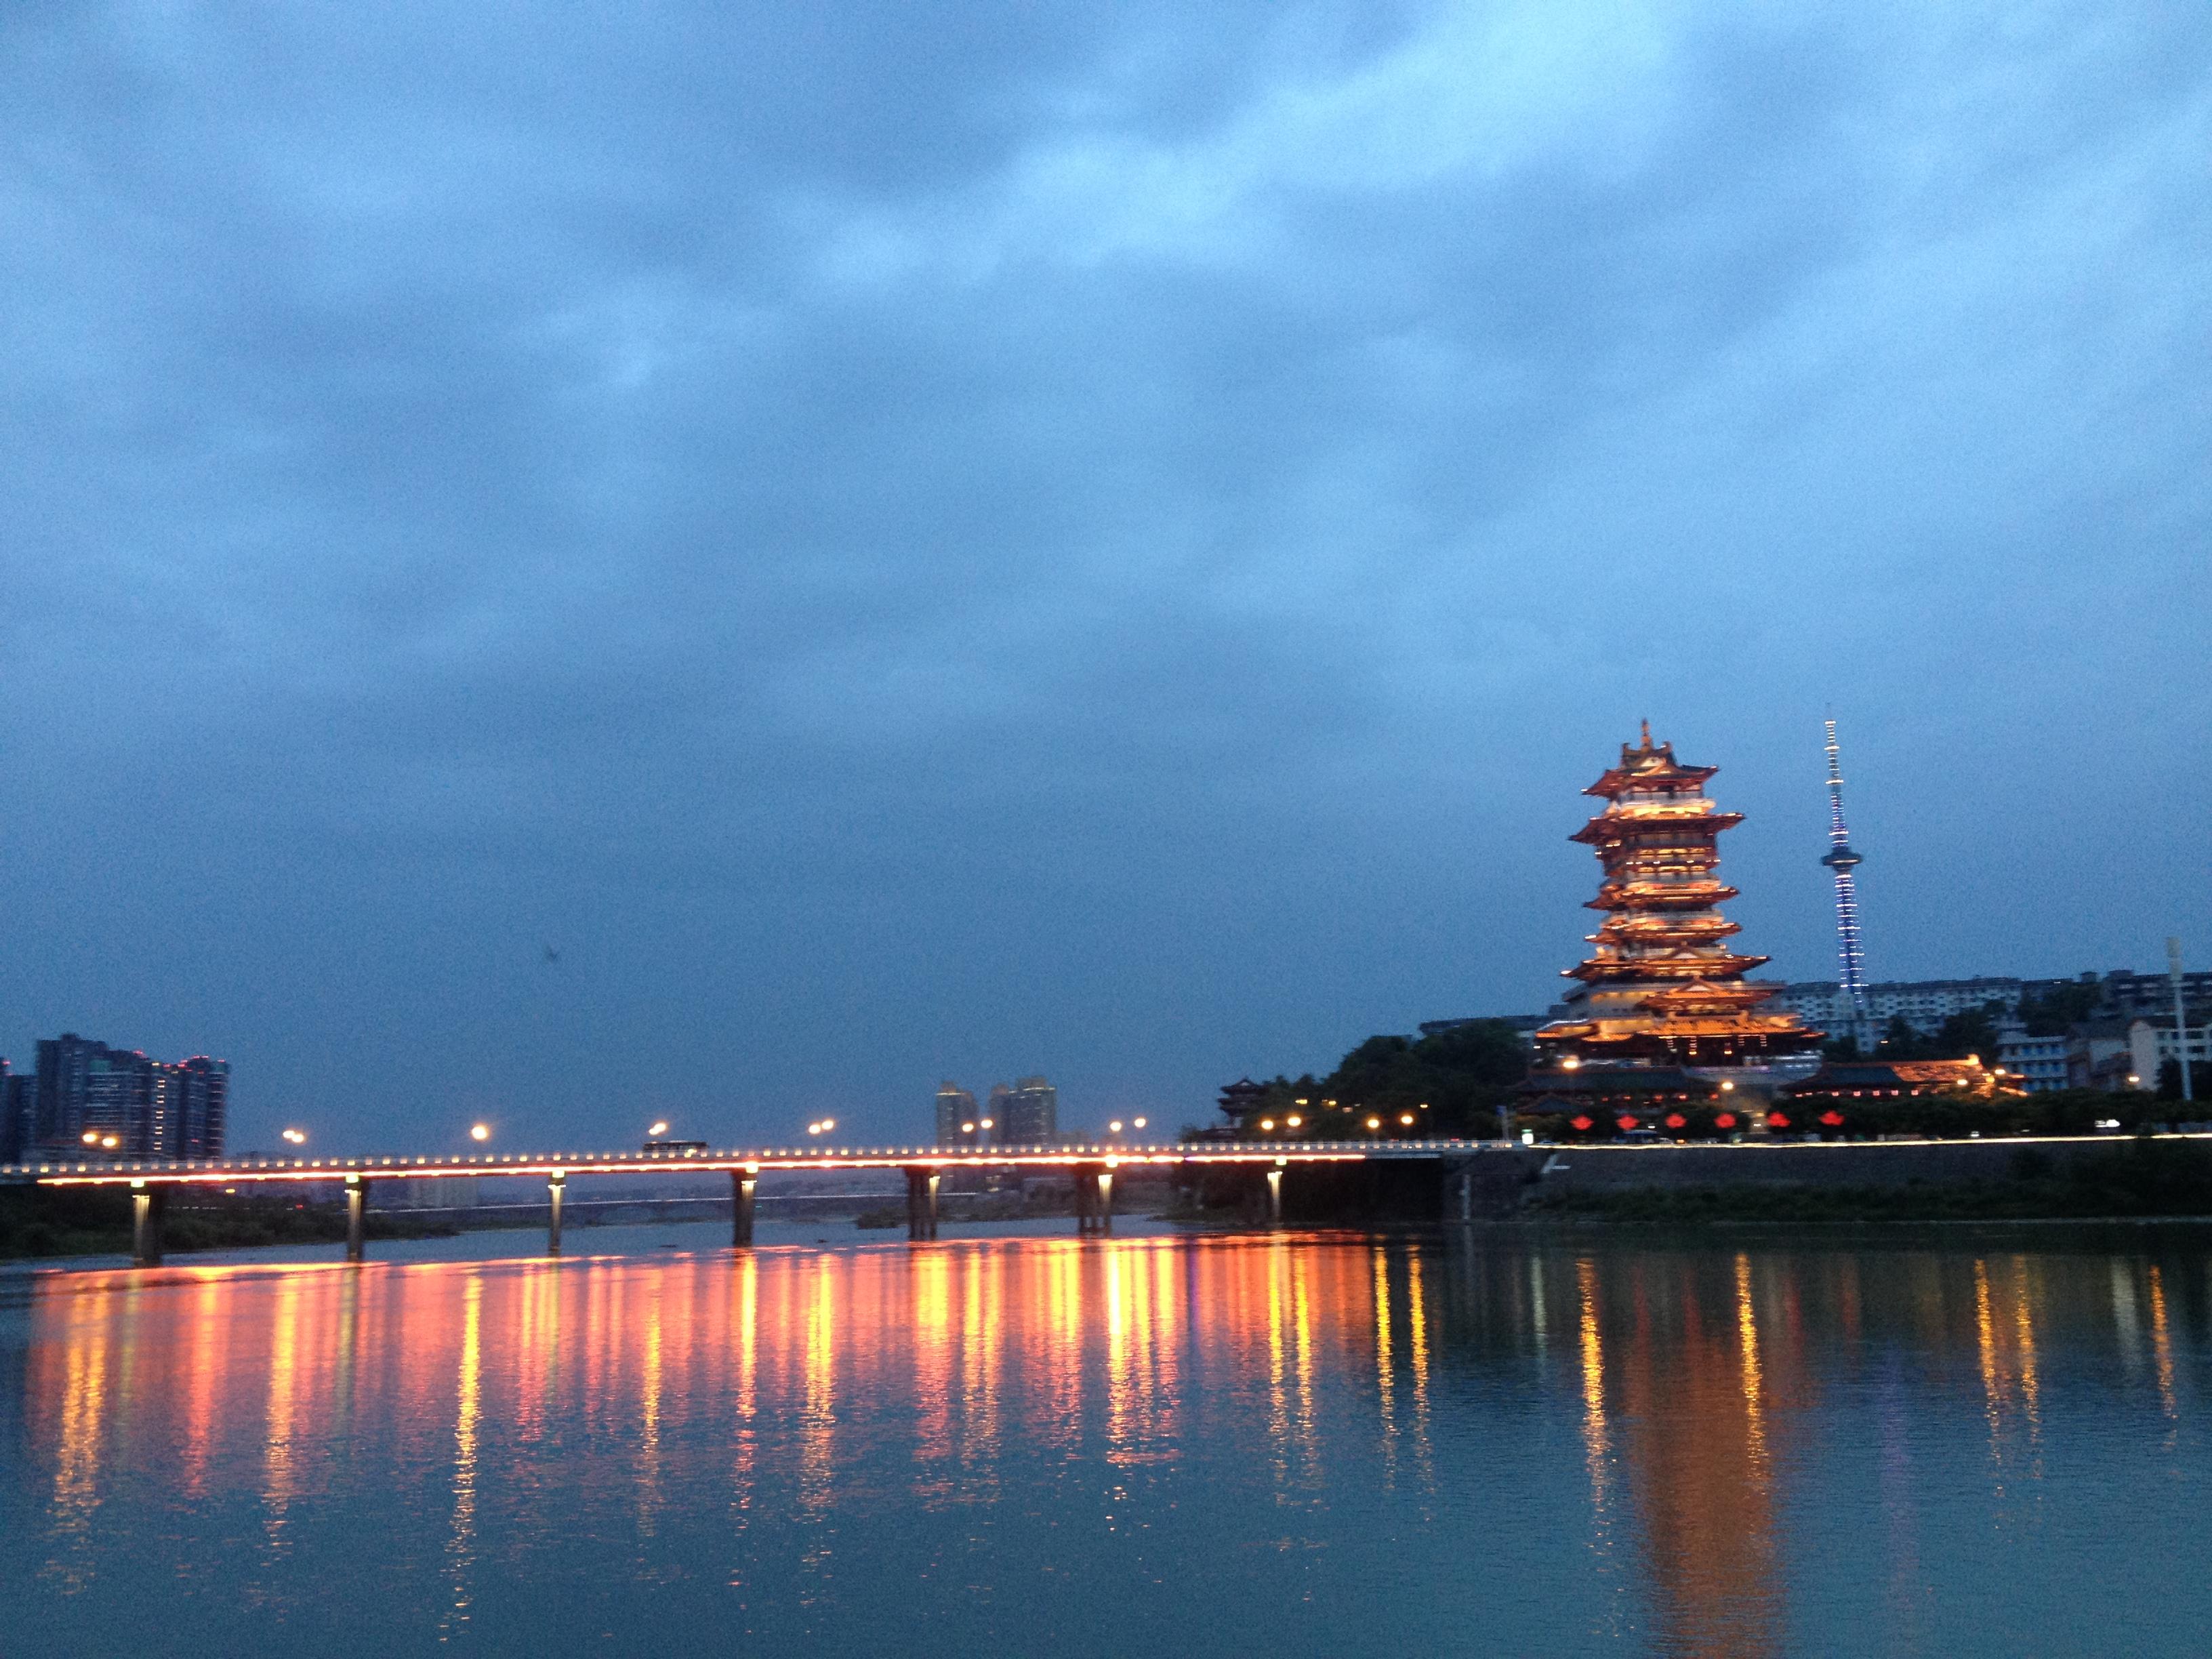 5.这里很适合拍绵阳的城景,晚上可以拍夜景.6.